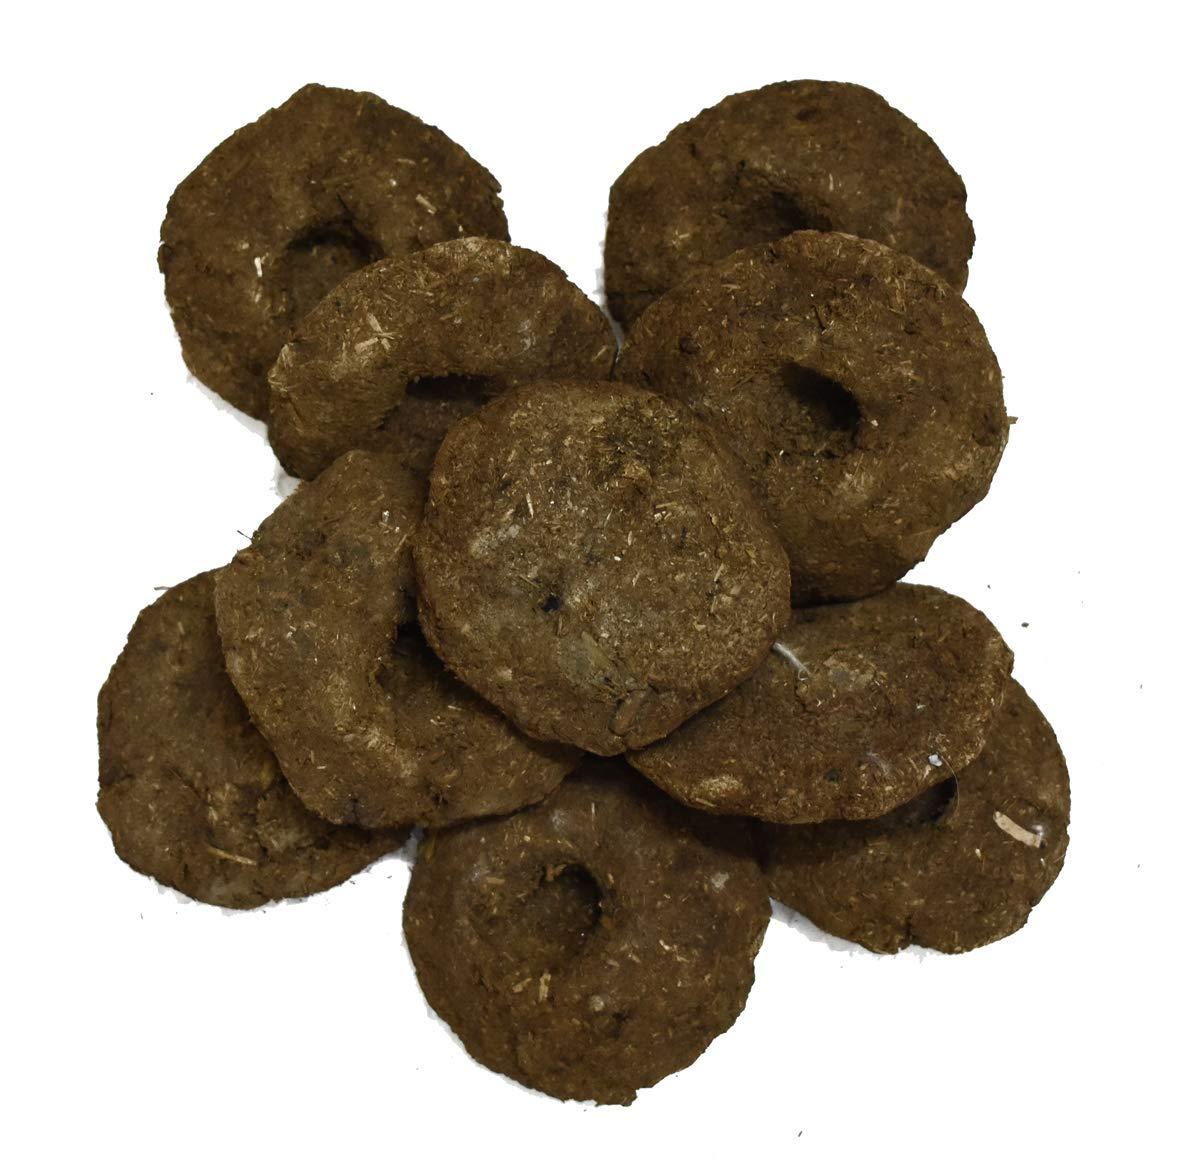 VRINDAVANBAZAAR.COM Gobar upla / 100% Cow Dung Cake, Completely Dry for hawan/puja/Rituals (500) by VRINDAVANBAZAAR.COM